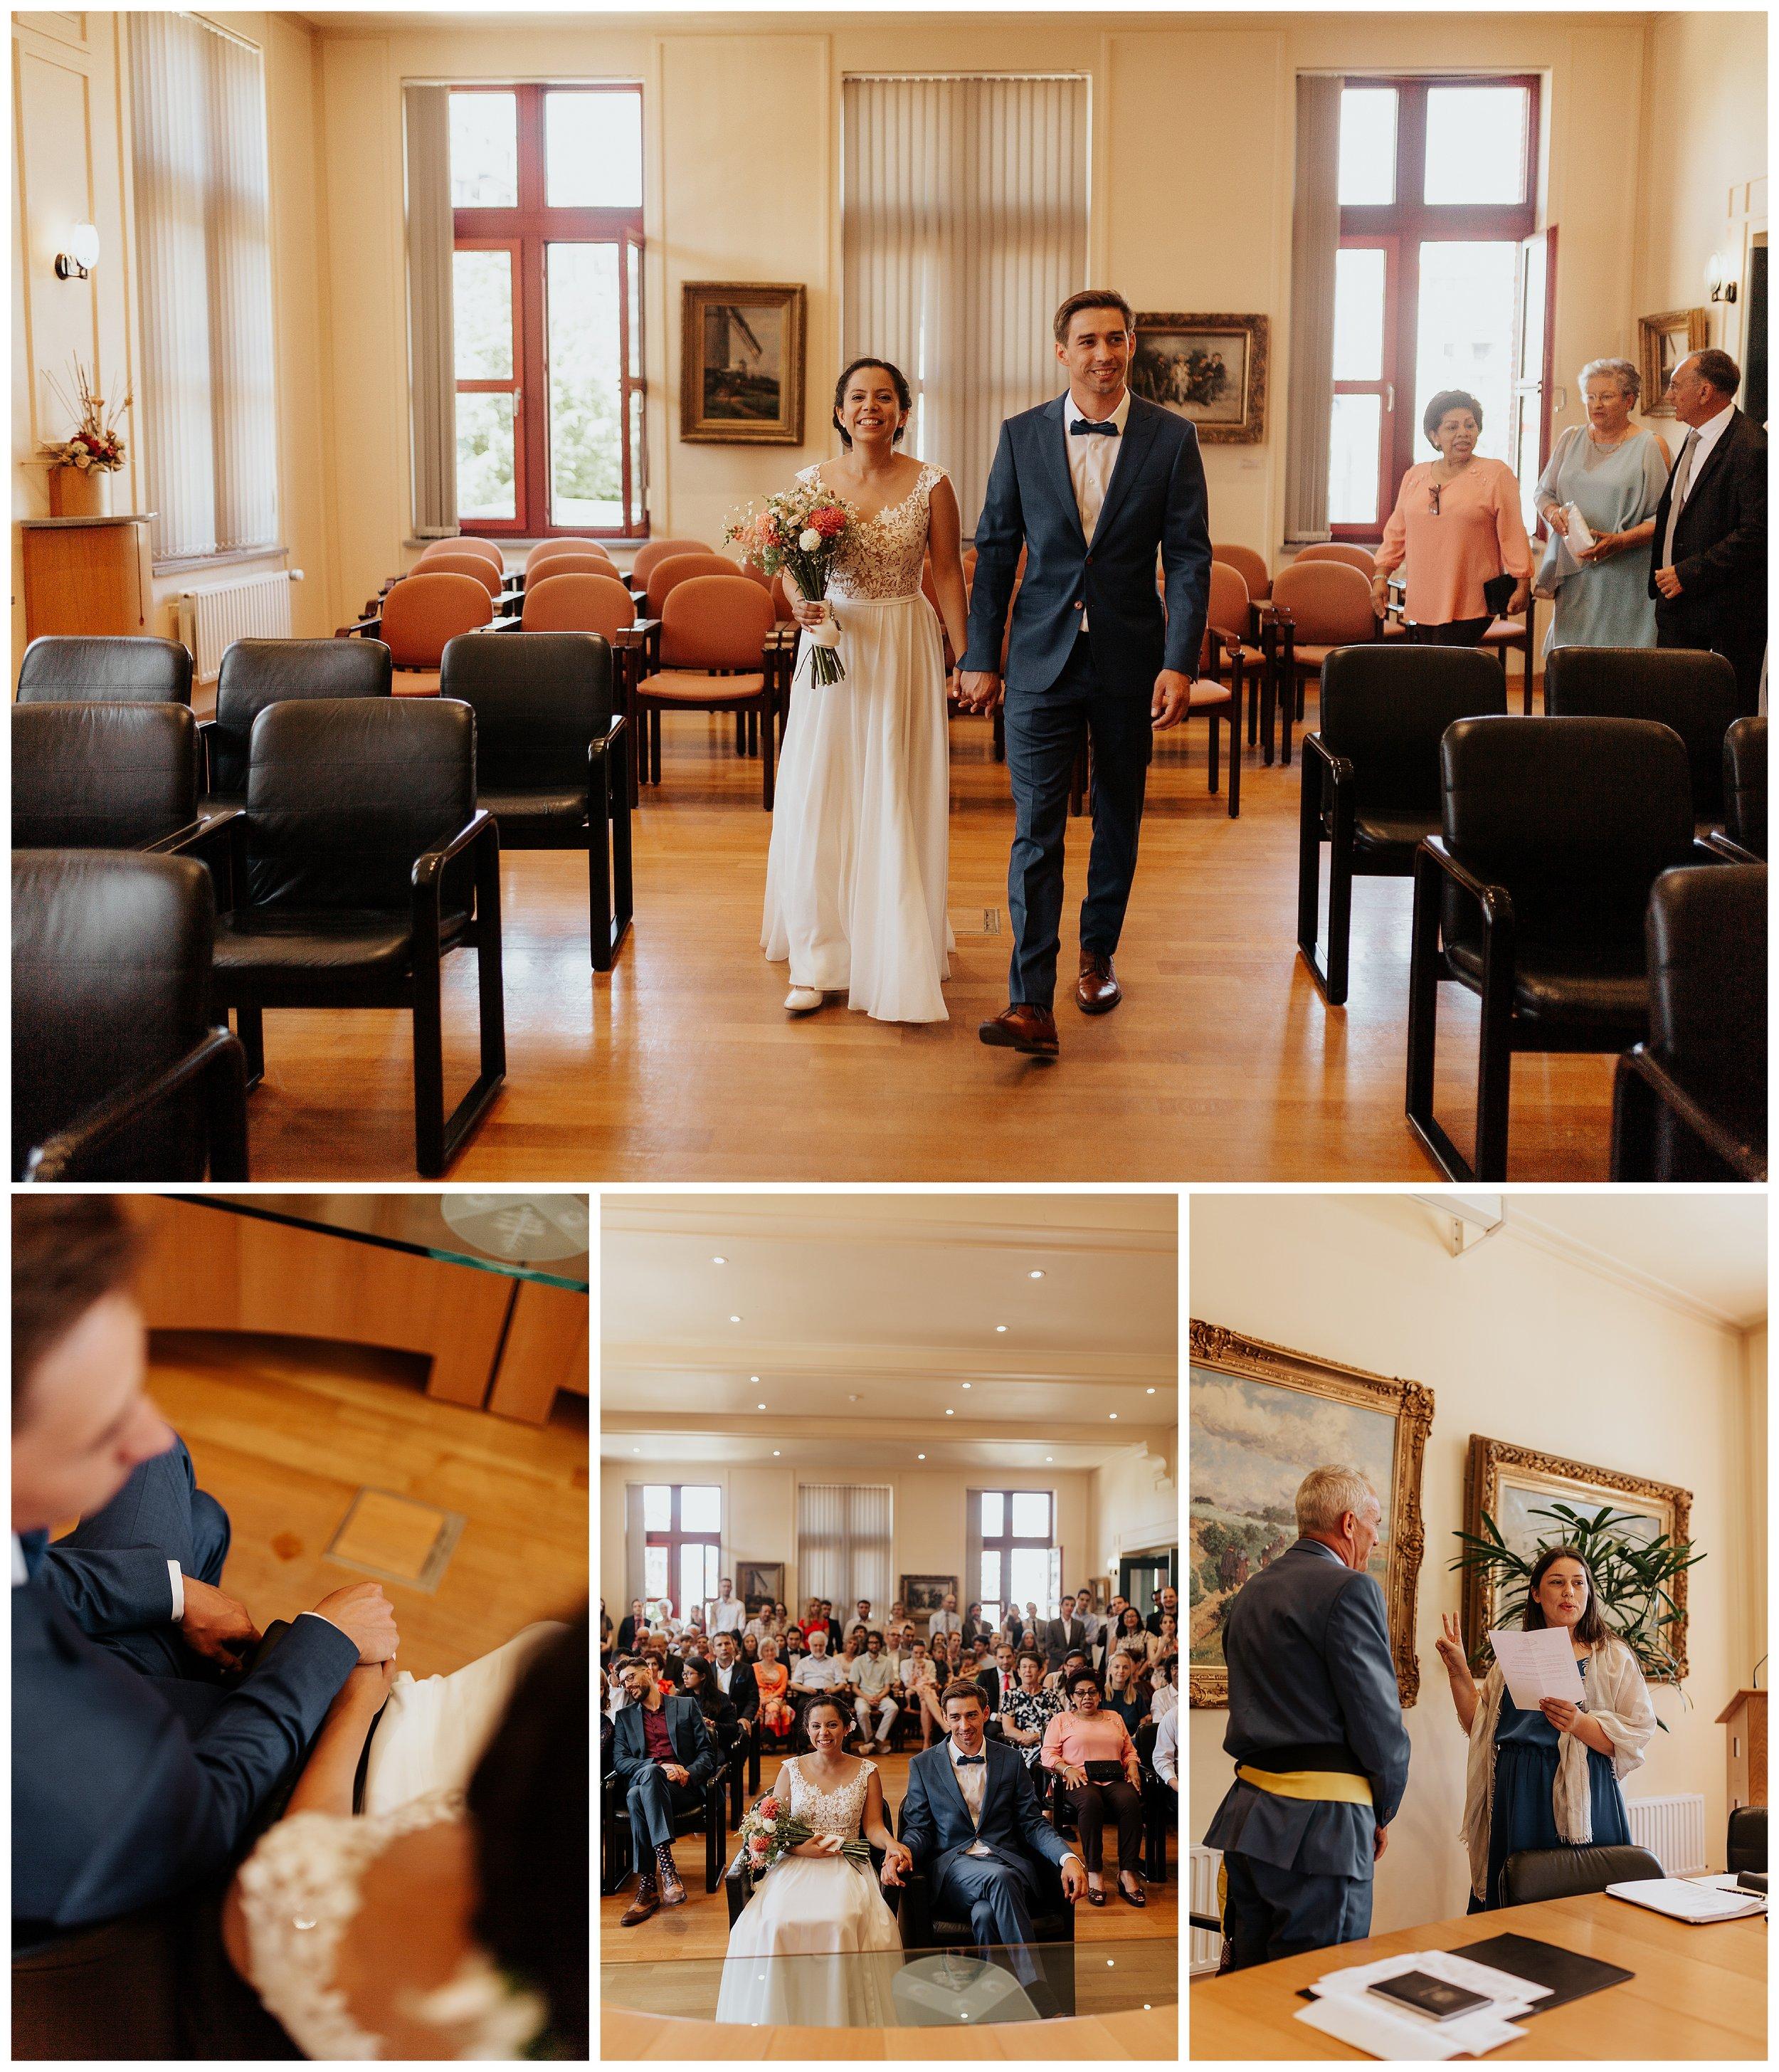 huwelijksfotograaf-huwelijksfotografie-knokke-heist-lisa-helsen-photography-trouwfotograaf-trouwfoto-sabine-pieter_0003.jpg